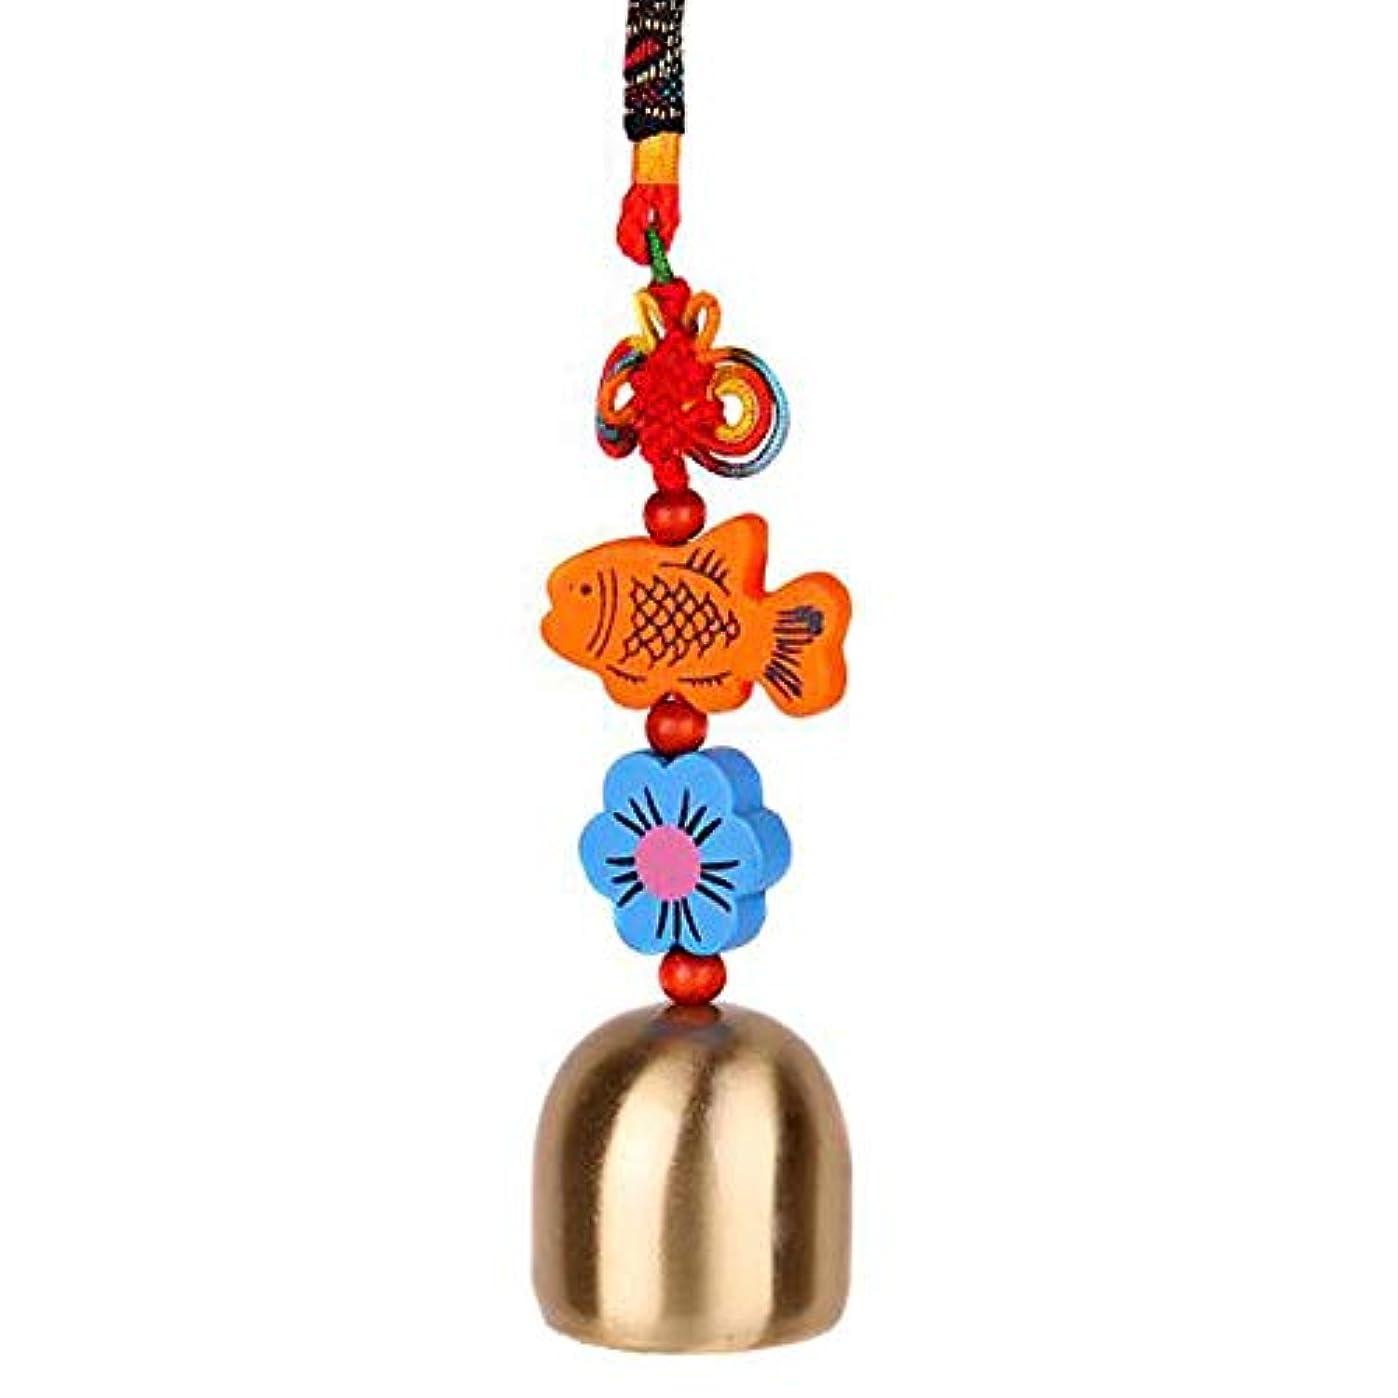 未満予算著者Aishanghuayi 風チャイム、中国のノット銅鐘ホーム車の装飾、ゴールド、全長約22CM,ファッションオーナメント (Color : A)